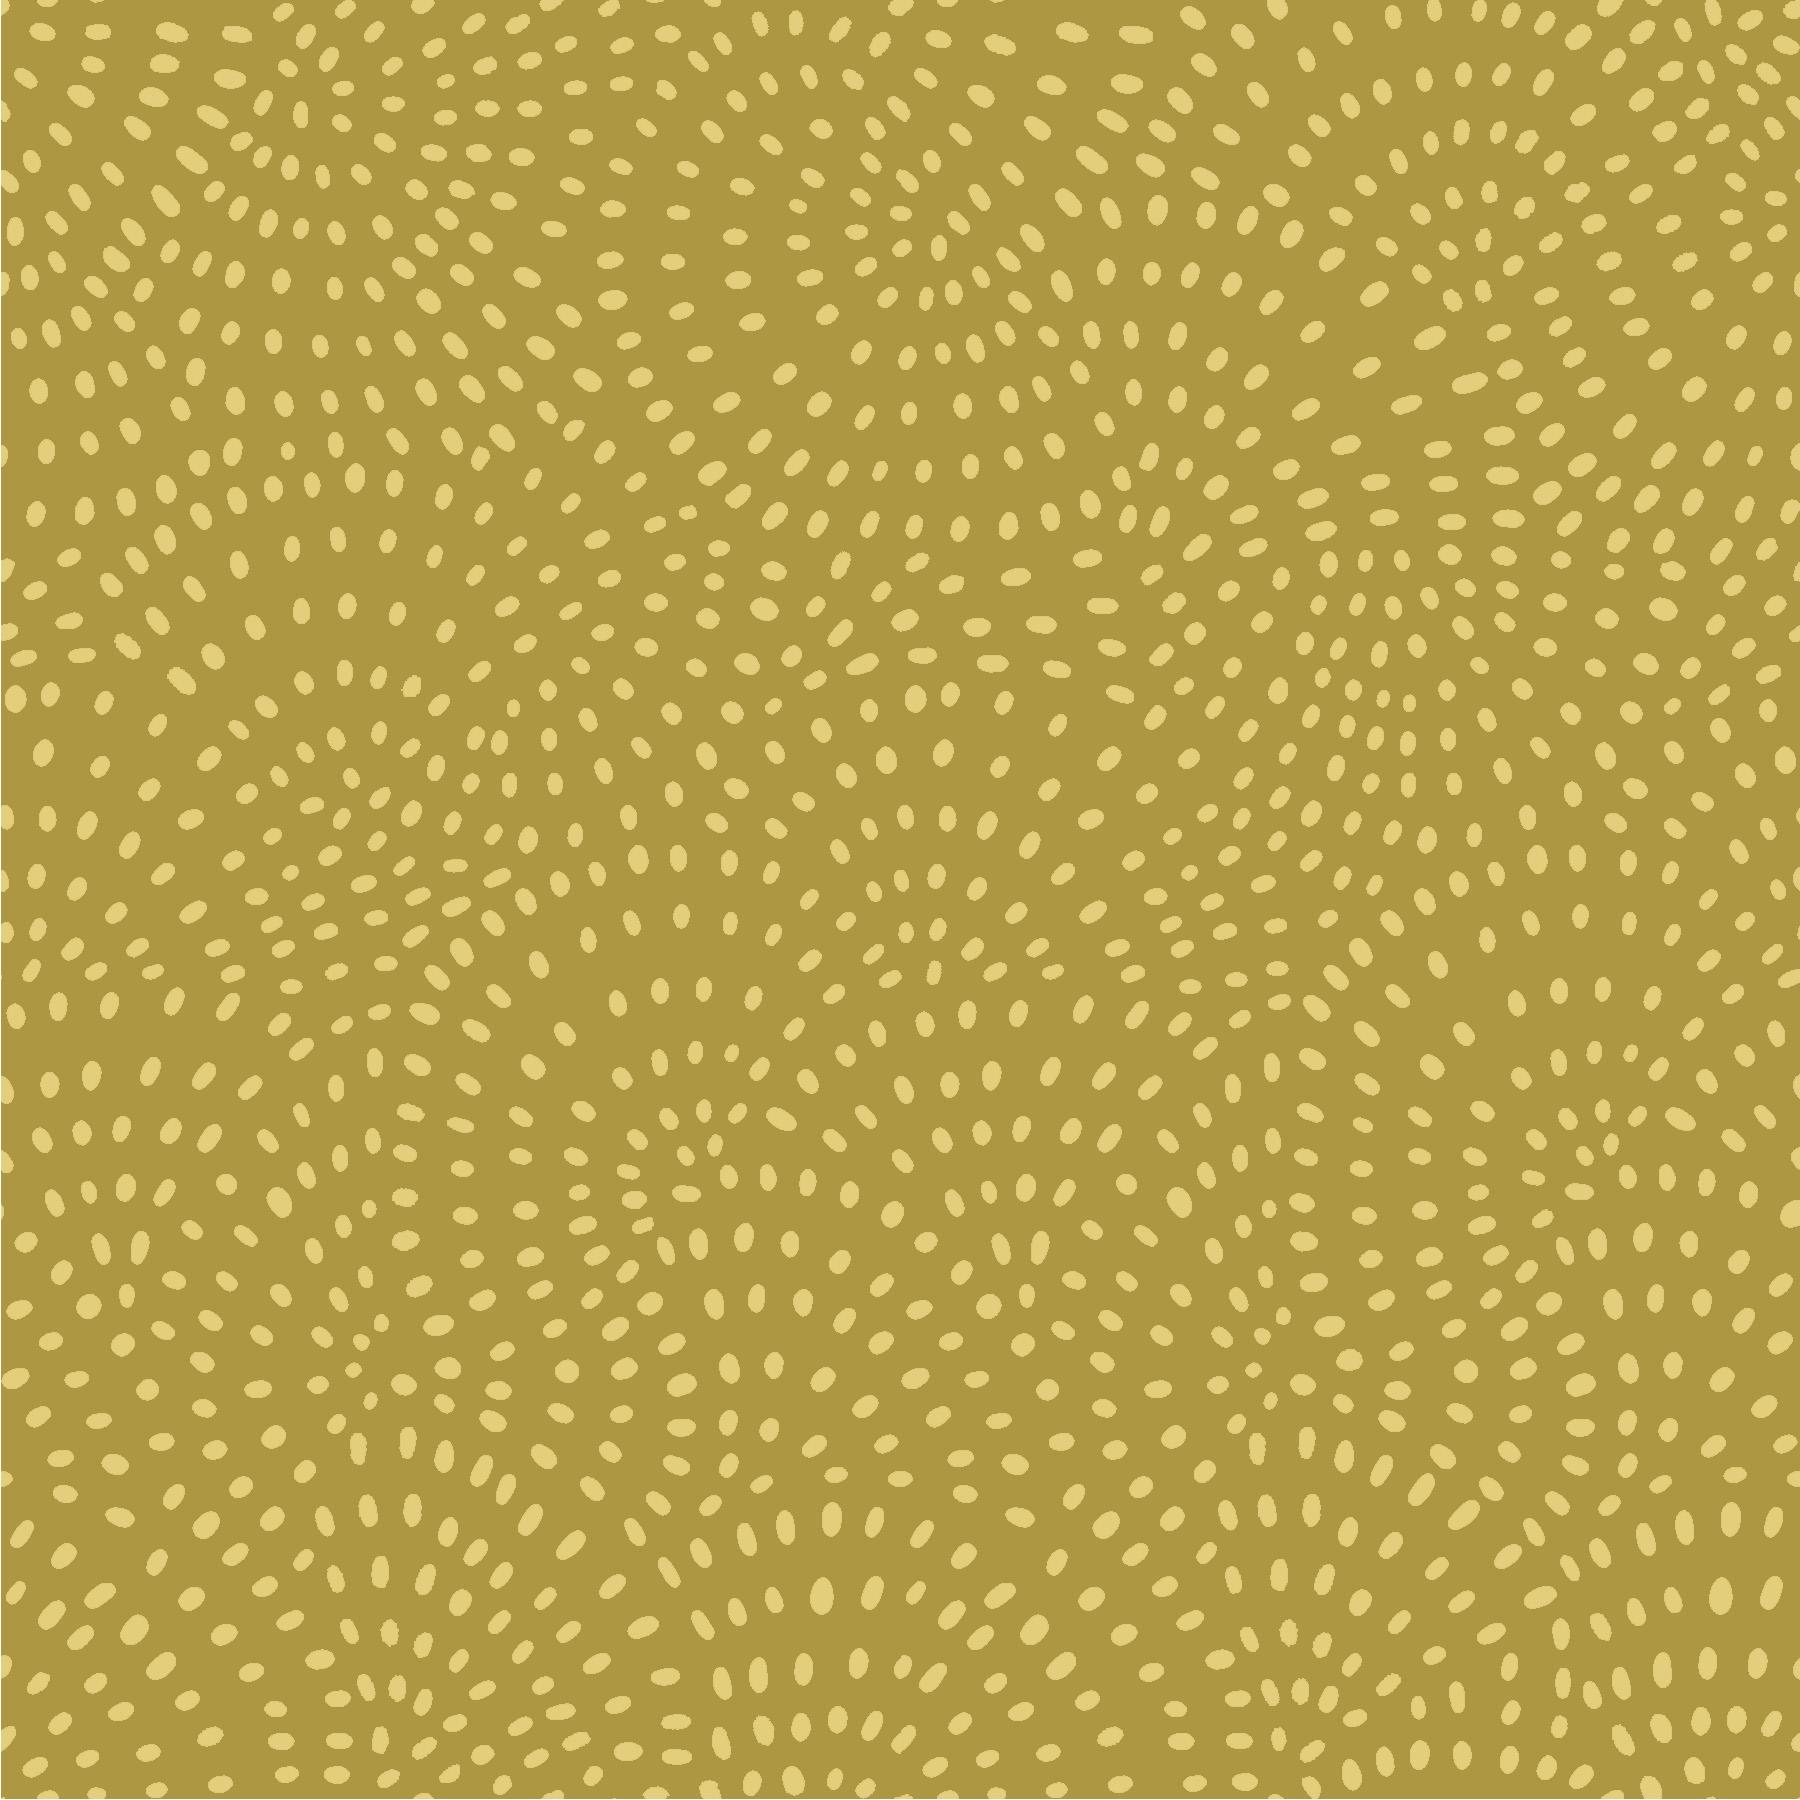 TWIS 1155 – olive